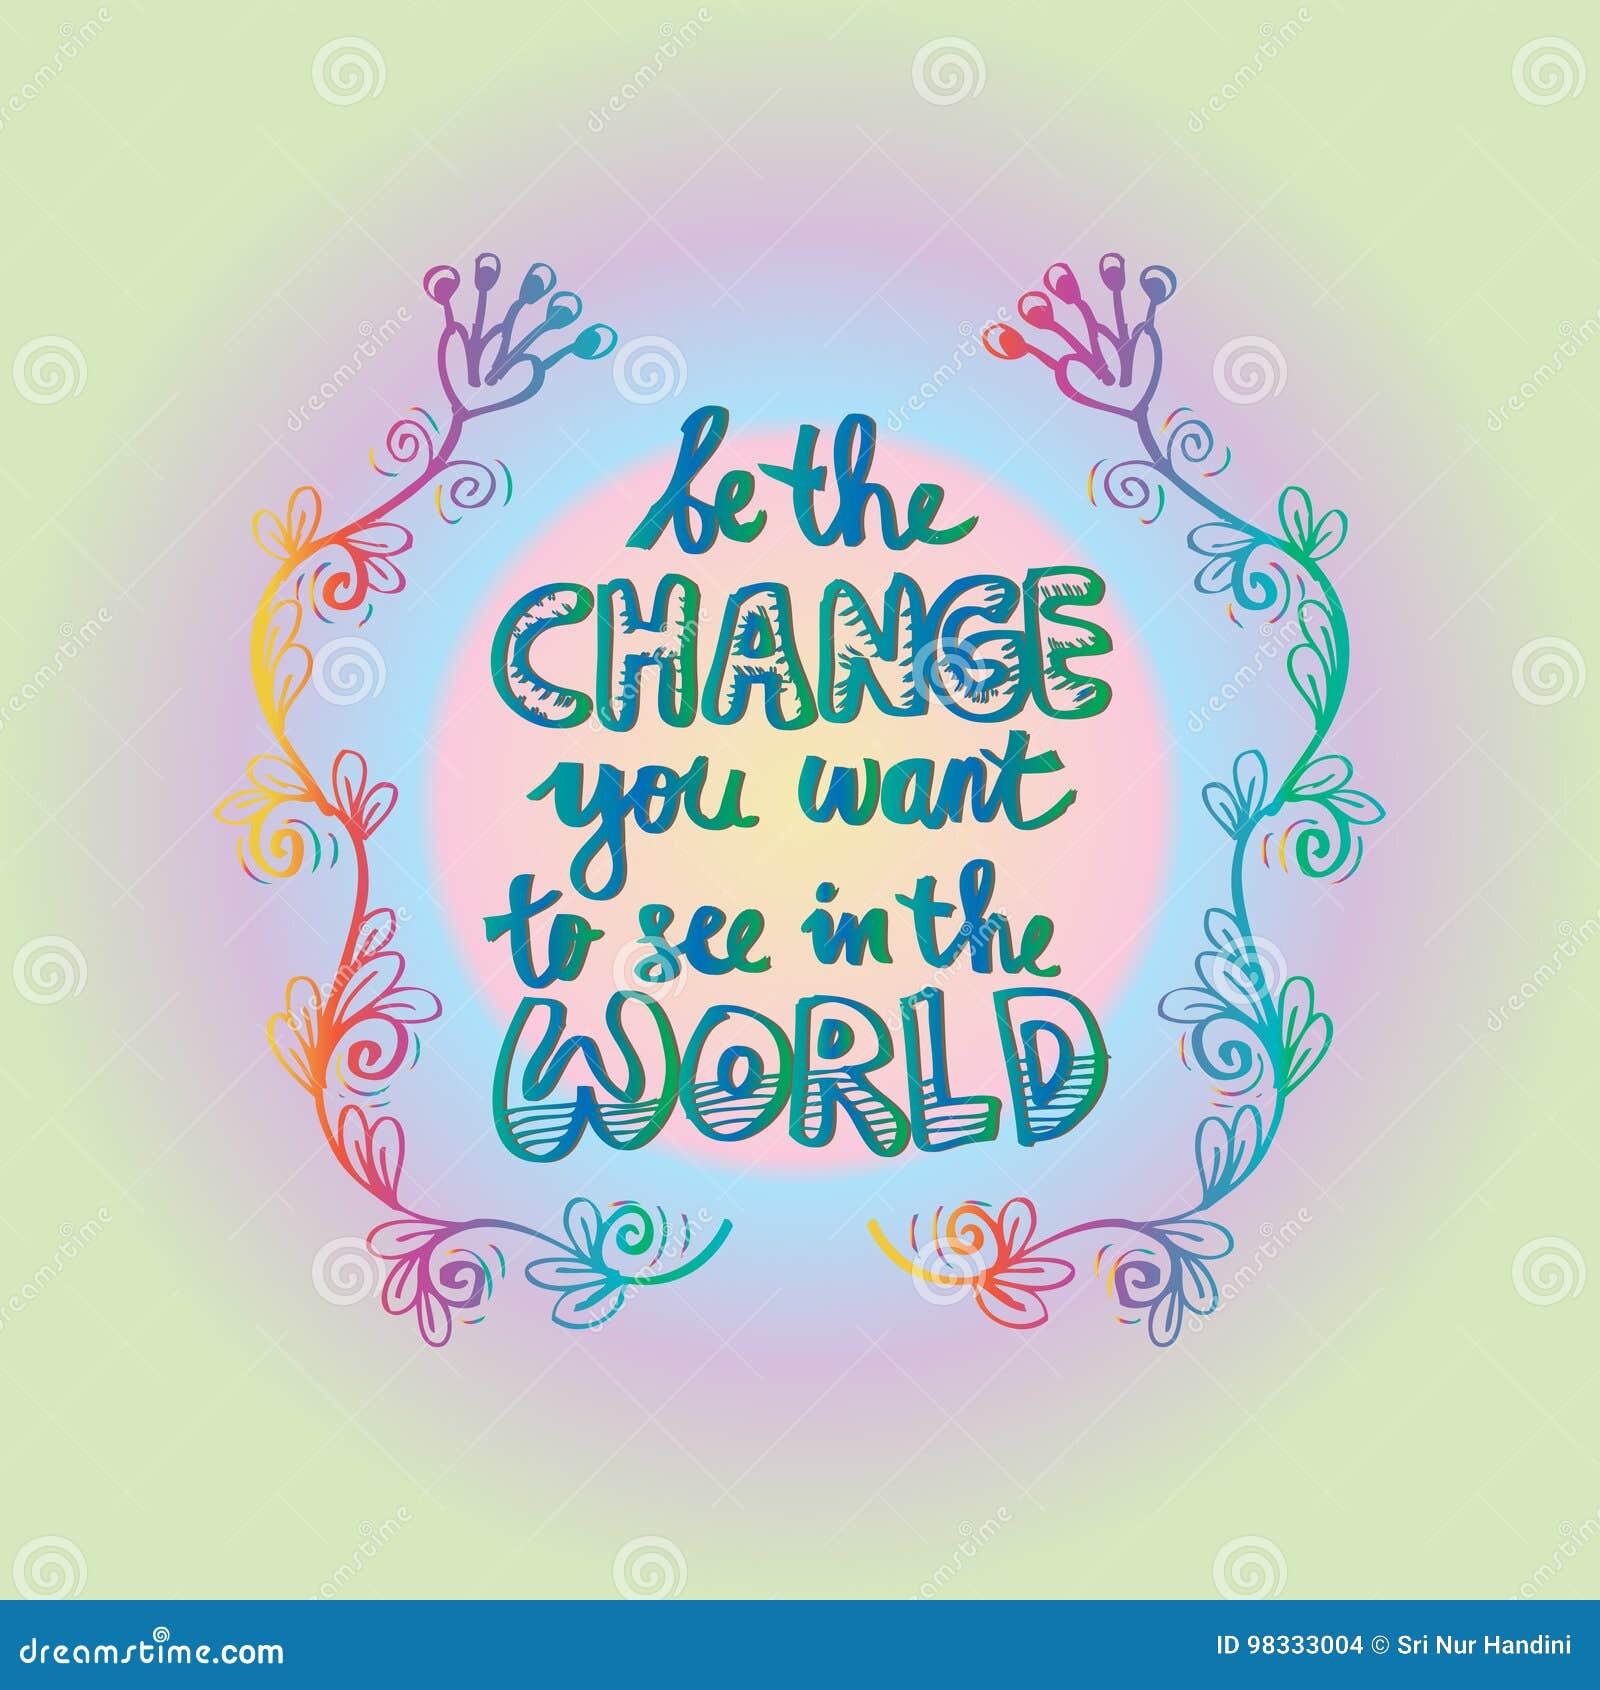 Change Or Die Quote: Ben De Verandering U In De Wereld Wilt Zien Stock